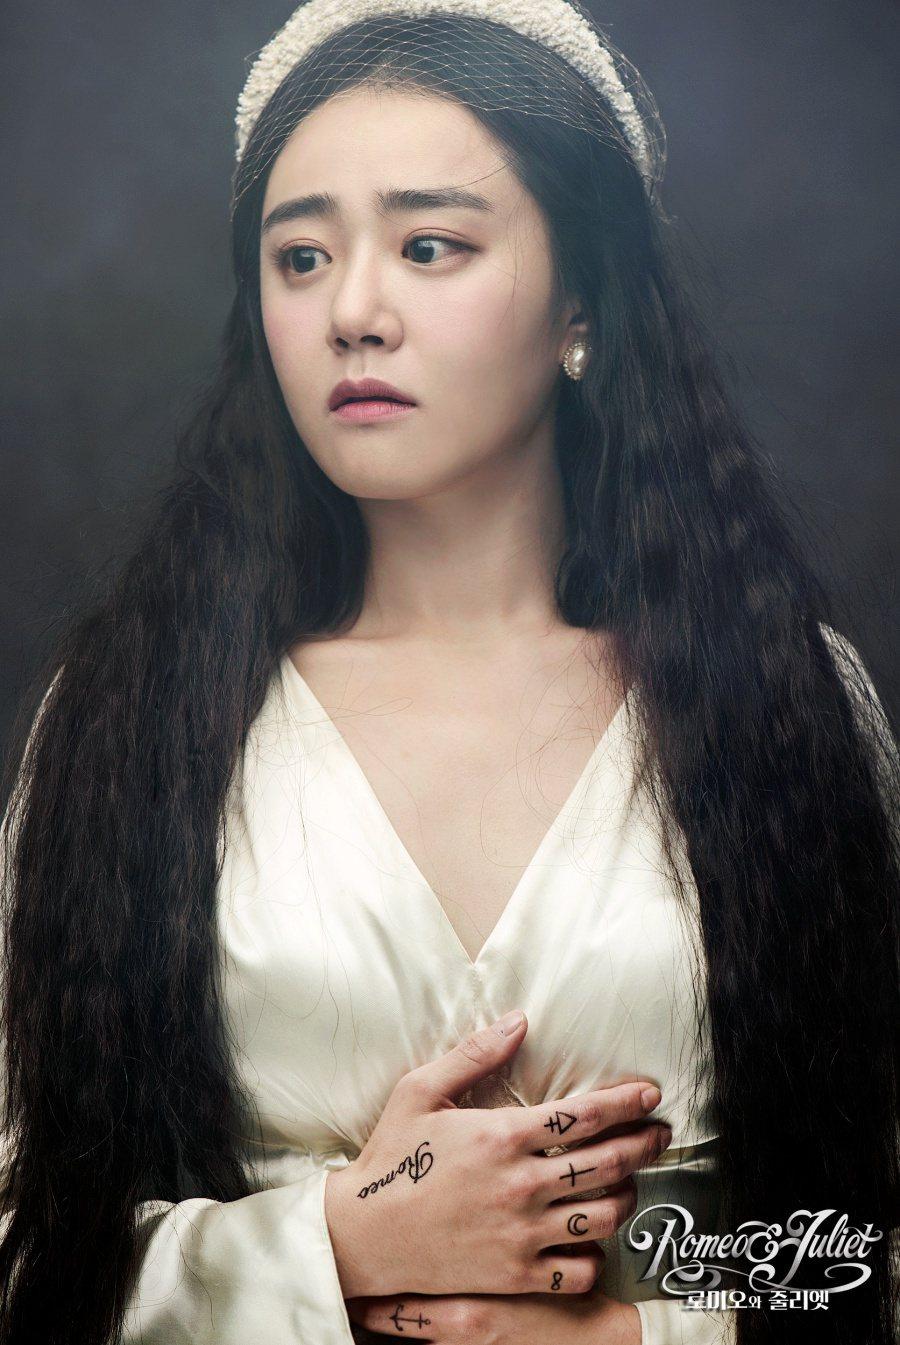 韓國演員文瑾瑩因急救手術取消話劇《羅密歐與朱麗葉》的地方公演。 圖/擷自韓網。